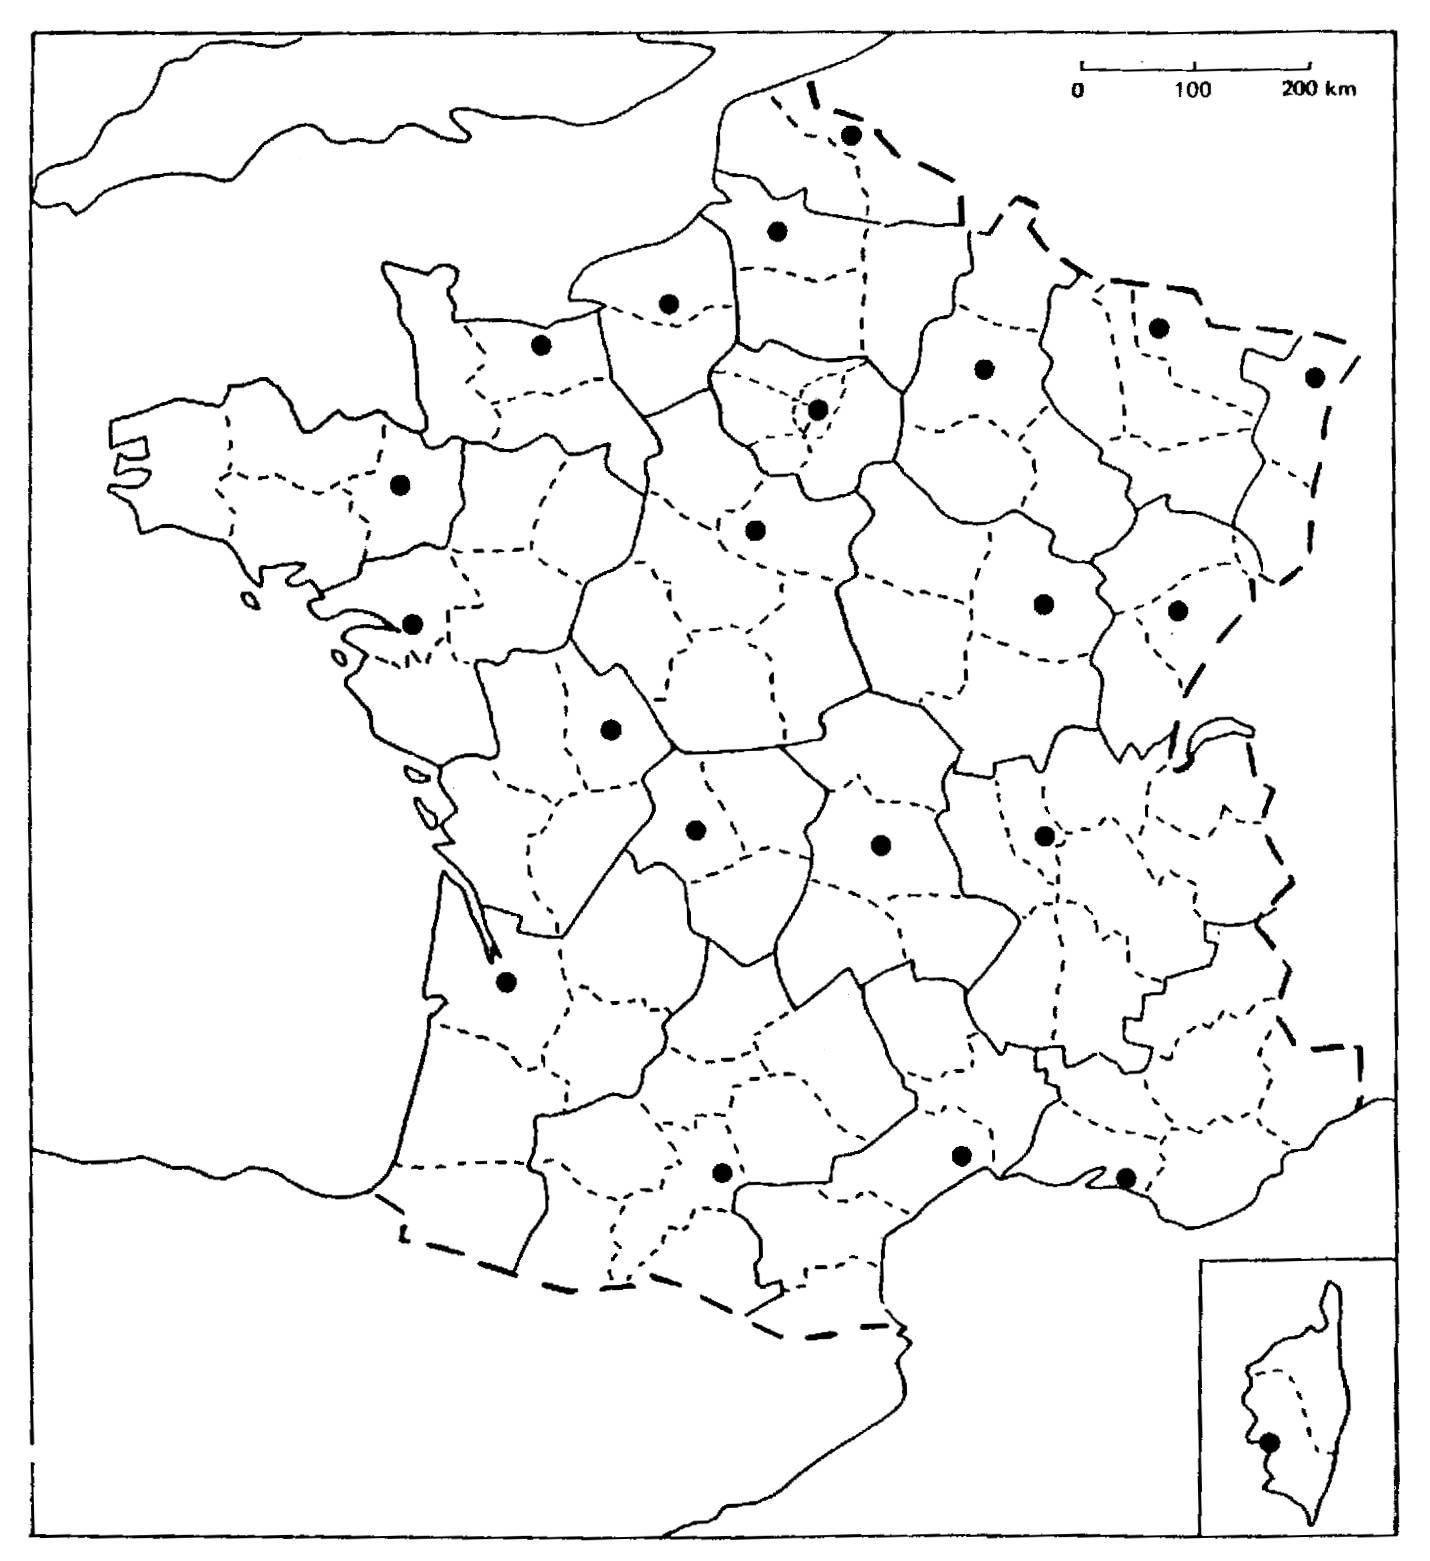 Télécharger Carte De France Vierge À Compléter Pdf | Carte concernant Carte De France Muette À Compléter